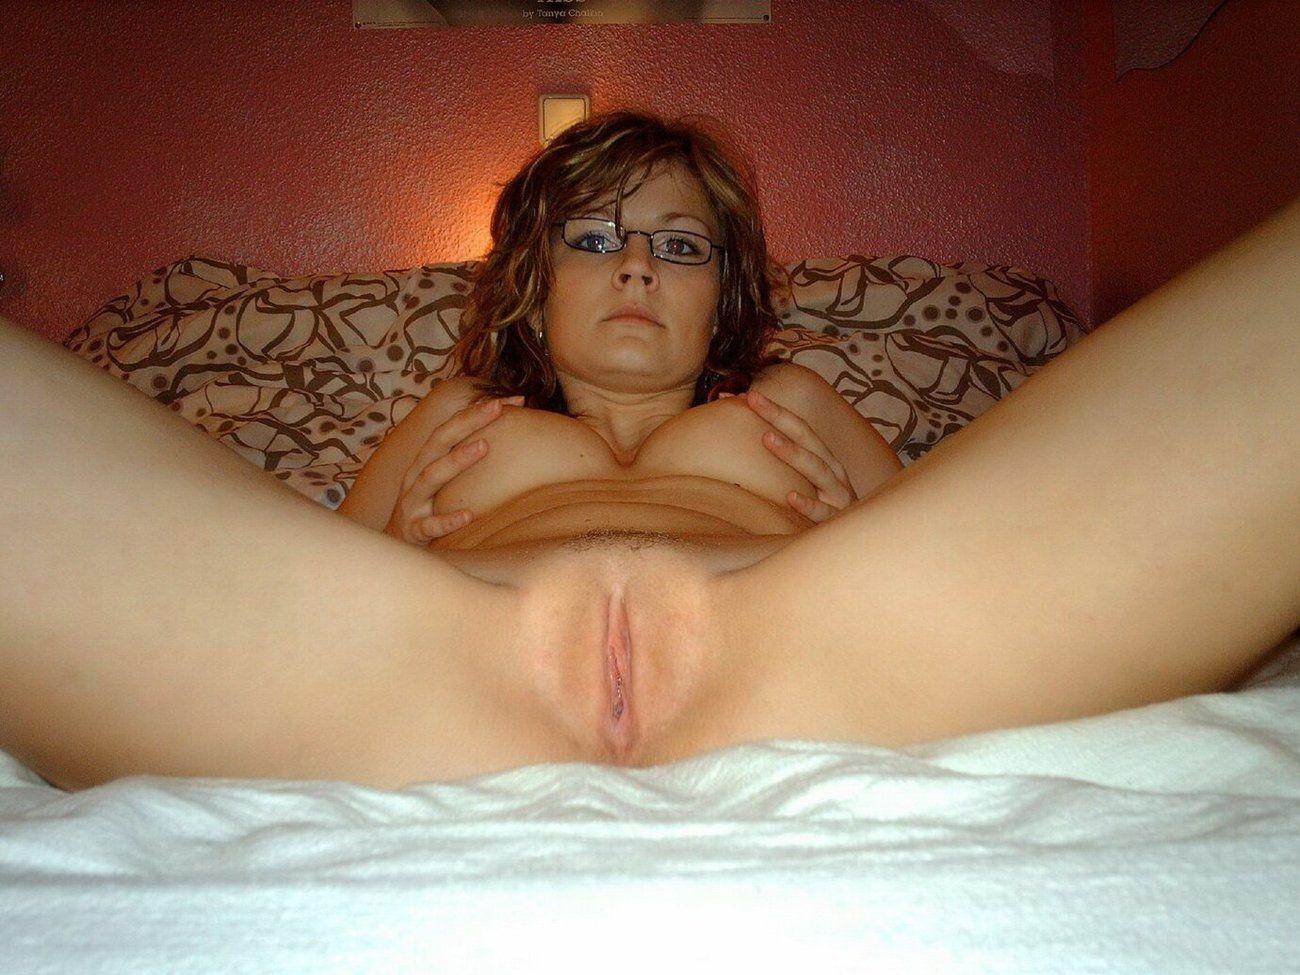 Присланное домашнее интимное фото смотреть